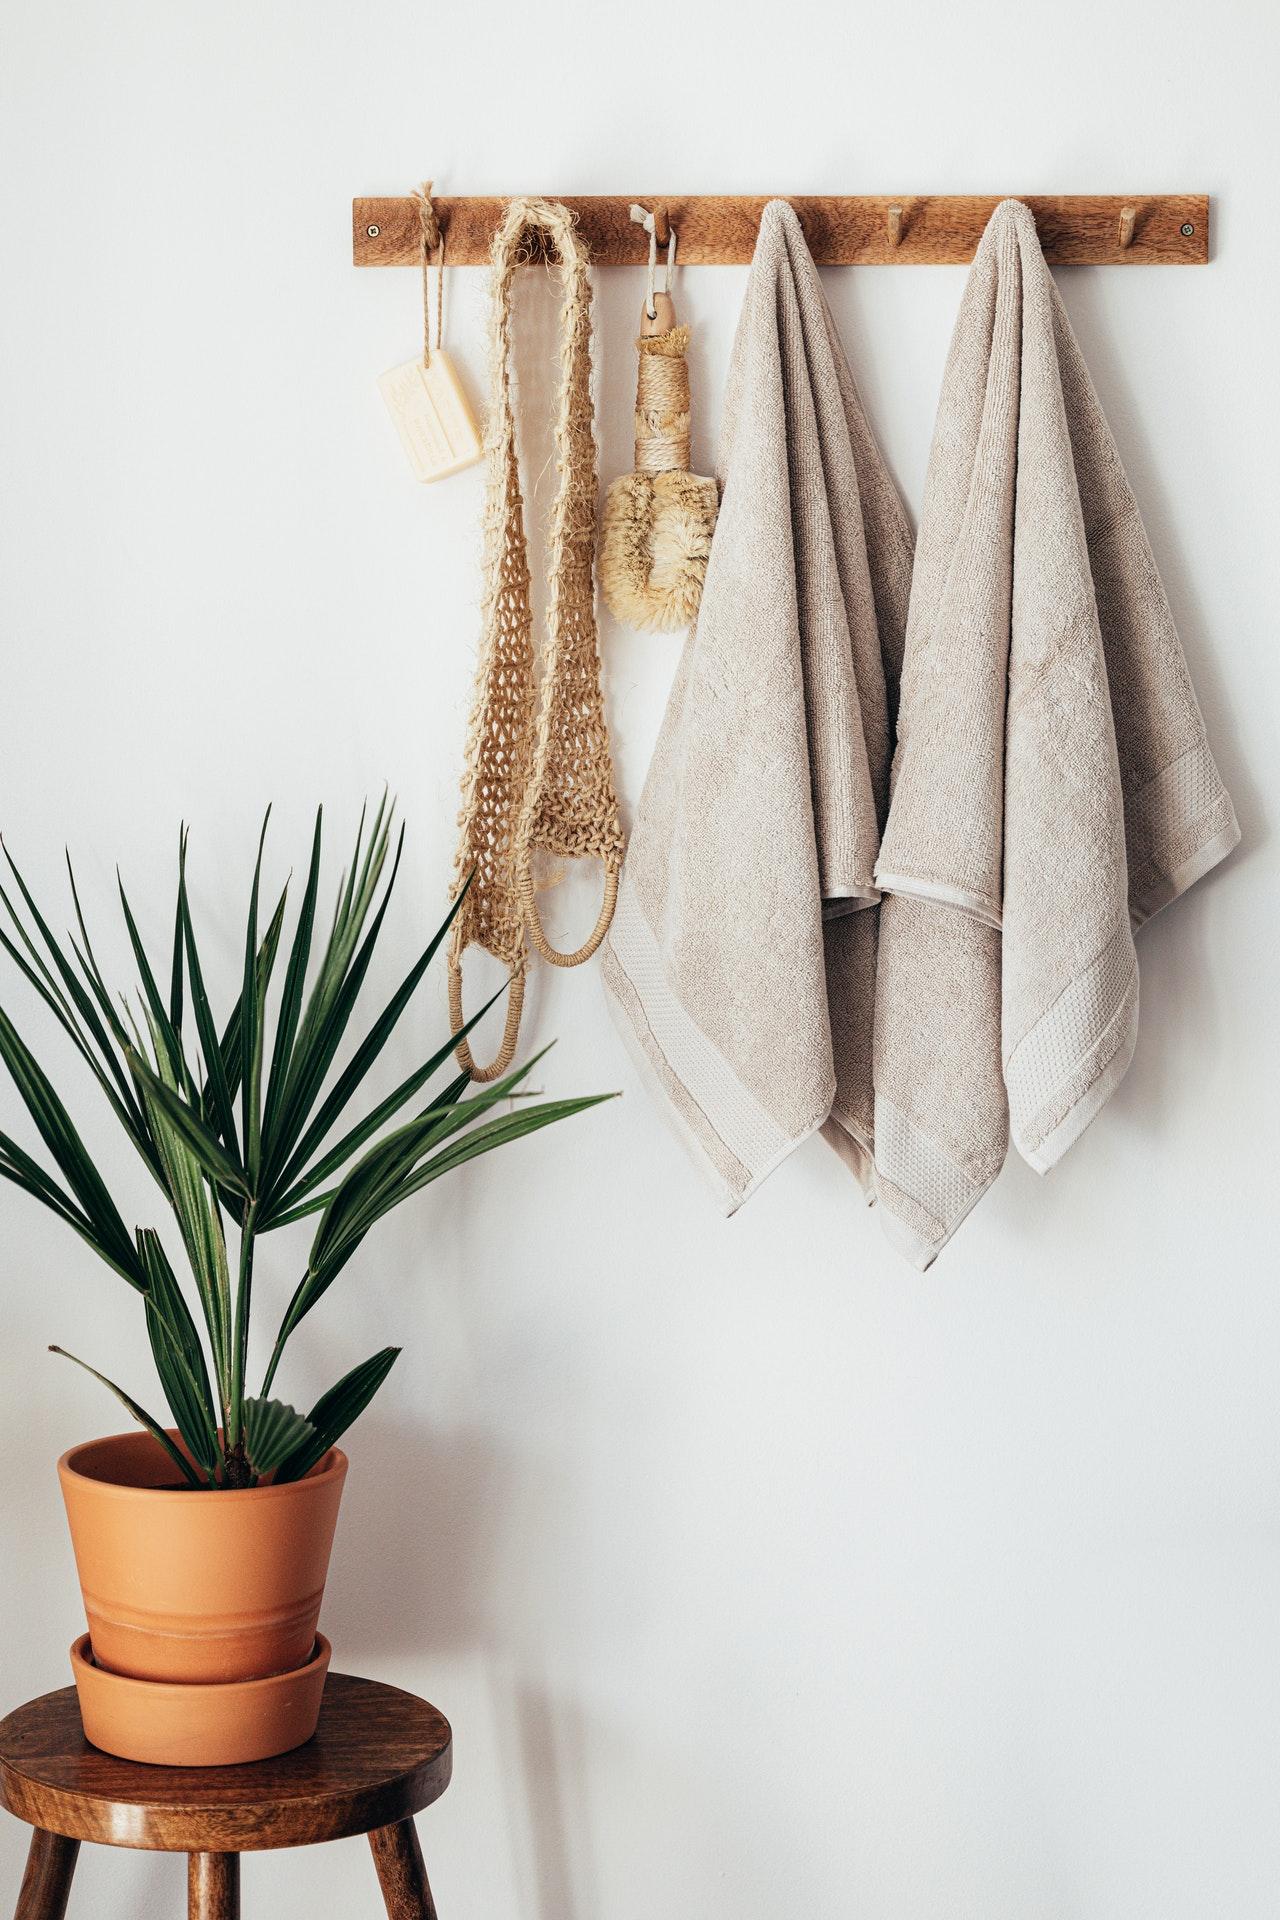 Mantener tu casa fresca en verano con tejidos ligeros